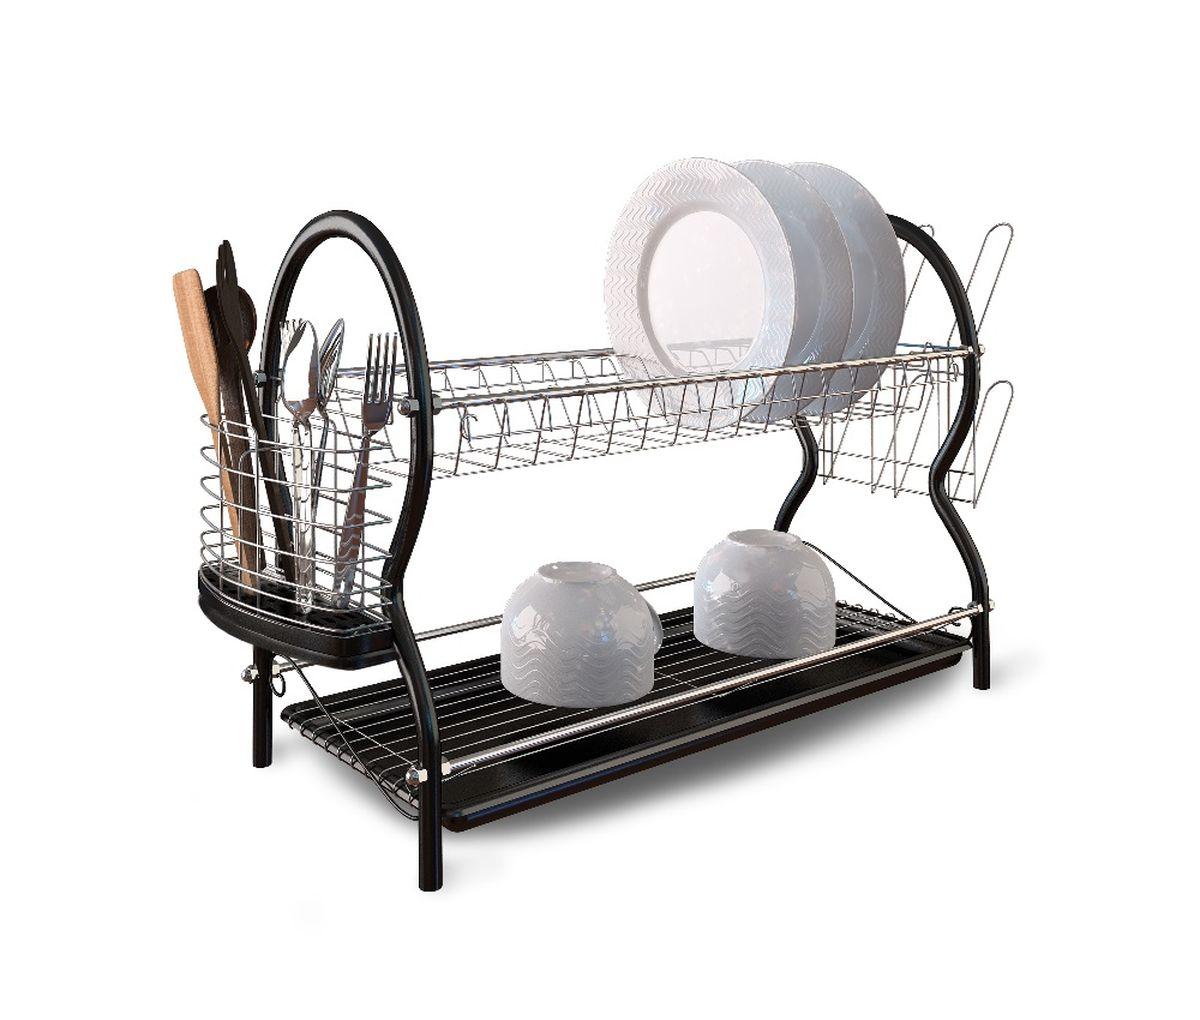 Сушилка для посуды Walmer, двухъярусная, с поддоном, 55,5 x 23,5 x 38,5 смW14552439Двухъярусная сушилка Walmer, изготовленная из стали, представляет собой решетку с ячейками для посуды и держателями для стаканов и столовых приборов. Изделие оснащено пластиковым поддоном для стекания воды. Сушилка не займет много места на вашей кухне. Вы сможете разместить на ней большое количество предметов. Компактные размеры и оригинальный дизайн выделяют эту сушилку из ряда подобных. Размер сушилки: 55,5 x 23,5 x 38,5 см.